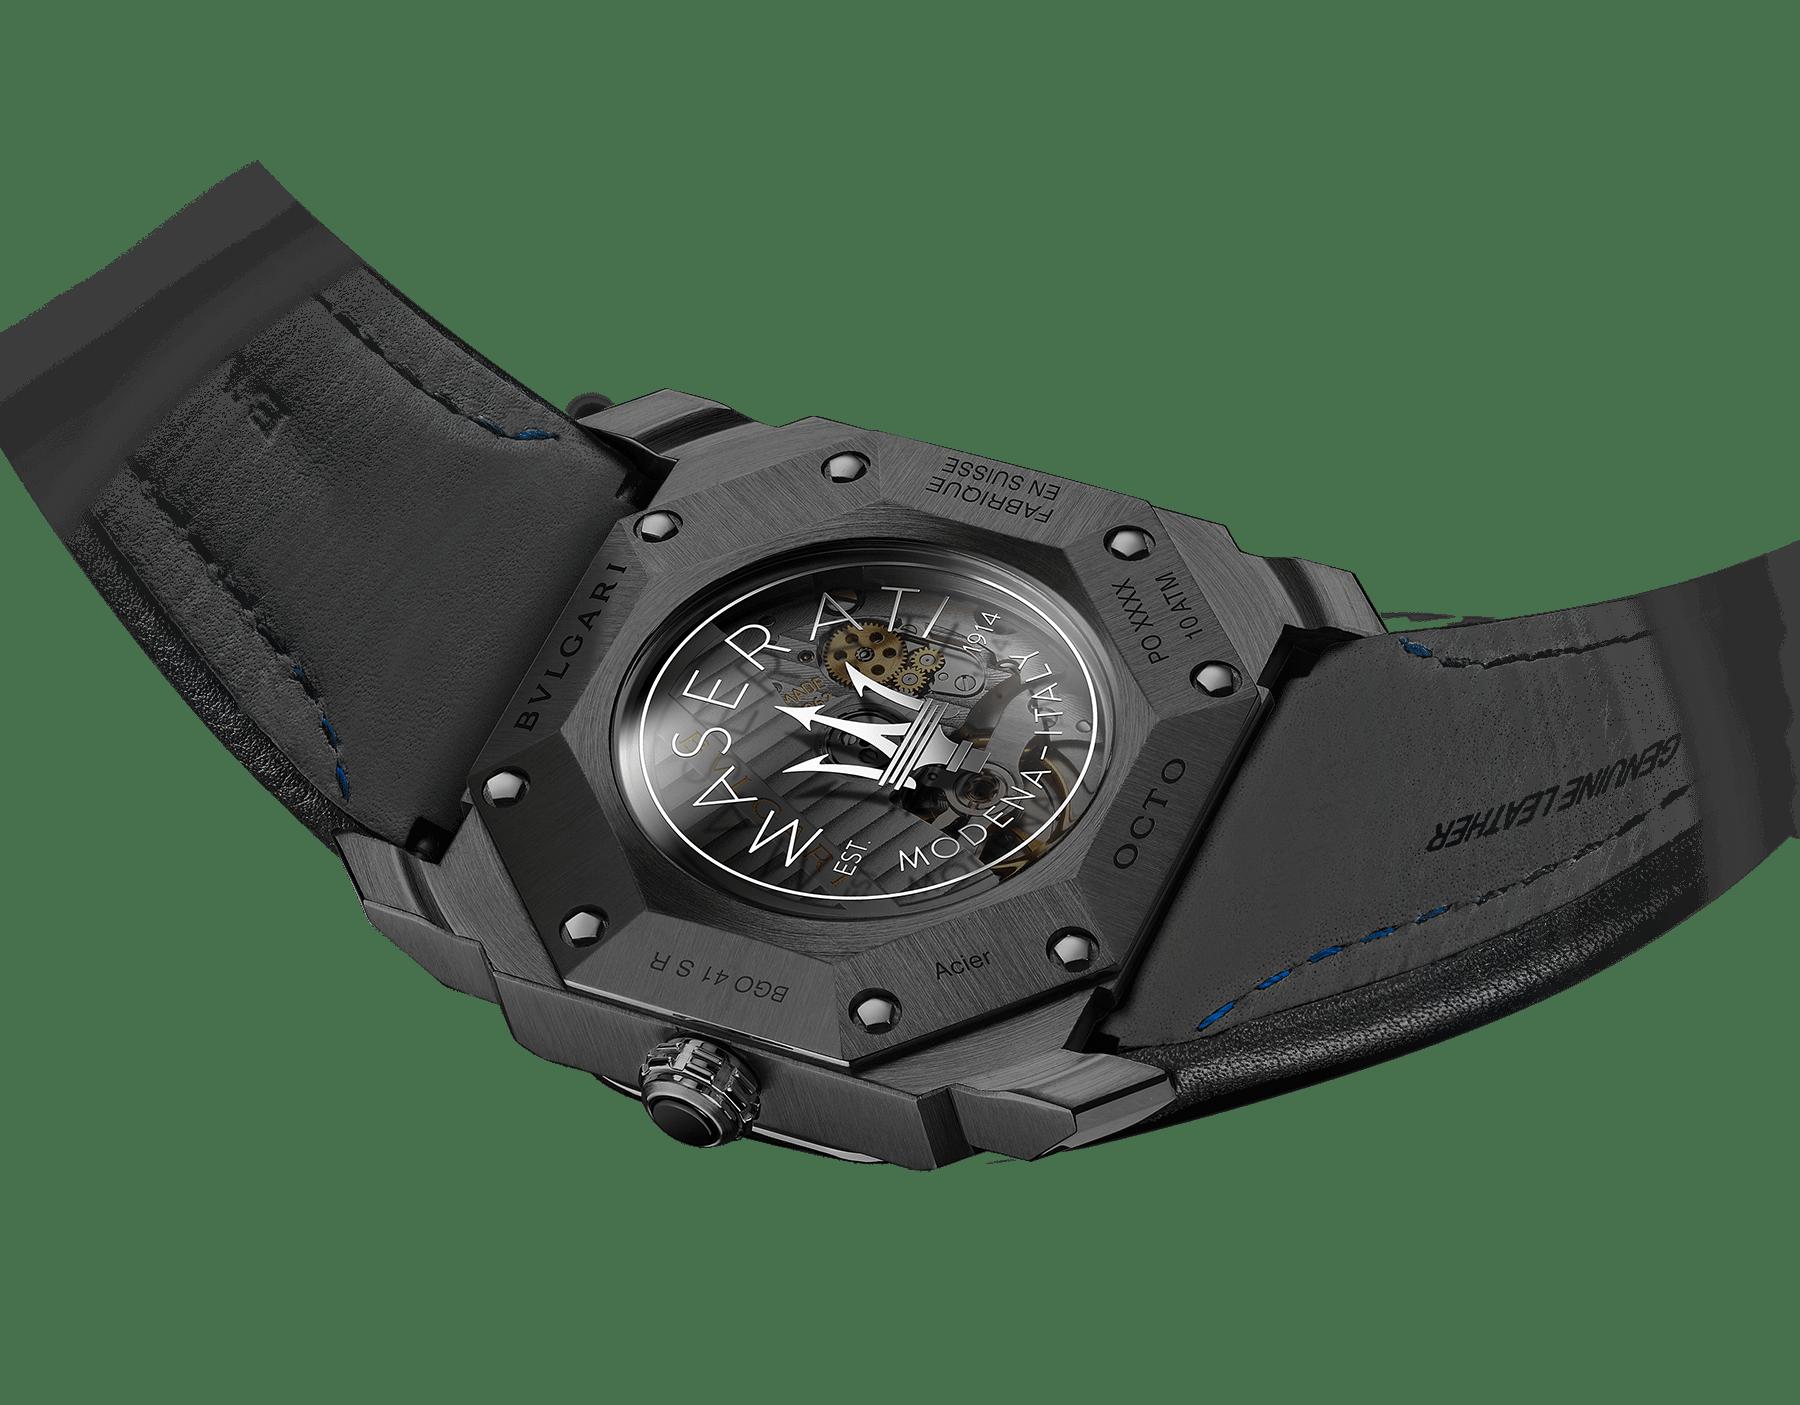 Relógio Octo Maserati GranSport edição limitada Mono-Retro com movimento de manufatura mecânico, corda automática, horas saltantes e minutos retrógrados. Caixa em aço inoxidável com tratamento em carbono tipo diamante (DLC) preto, mostrador preto e pulseira em couro preto. 102717 image 3